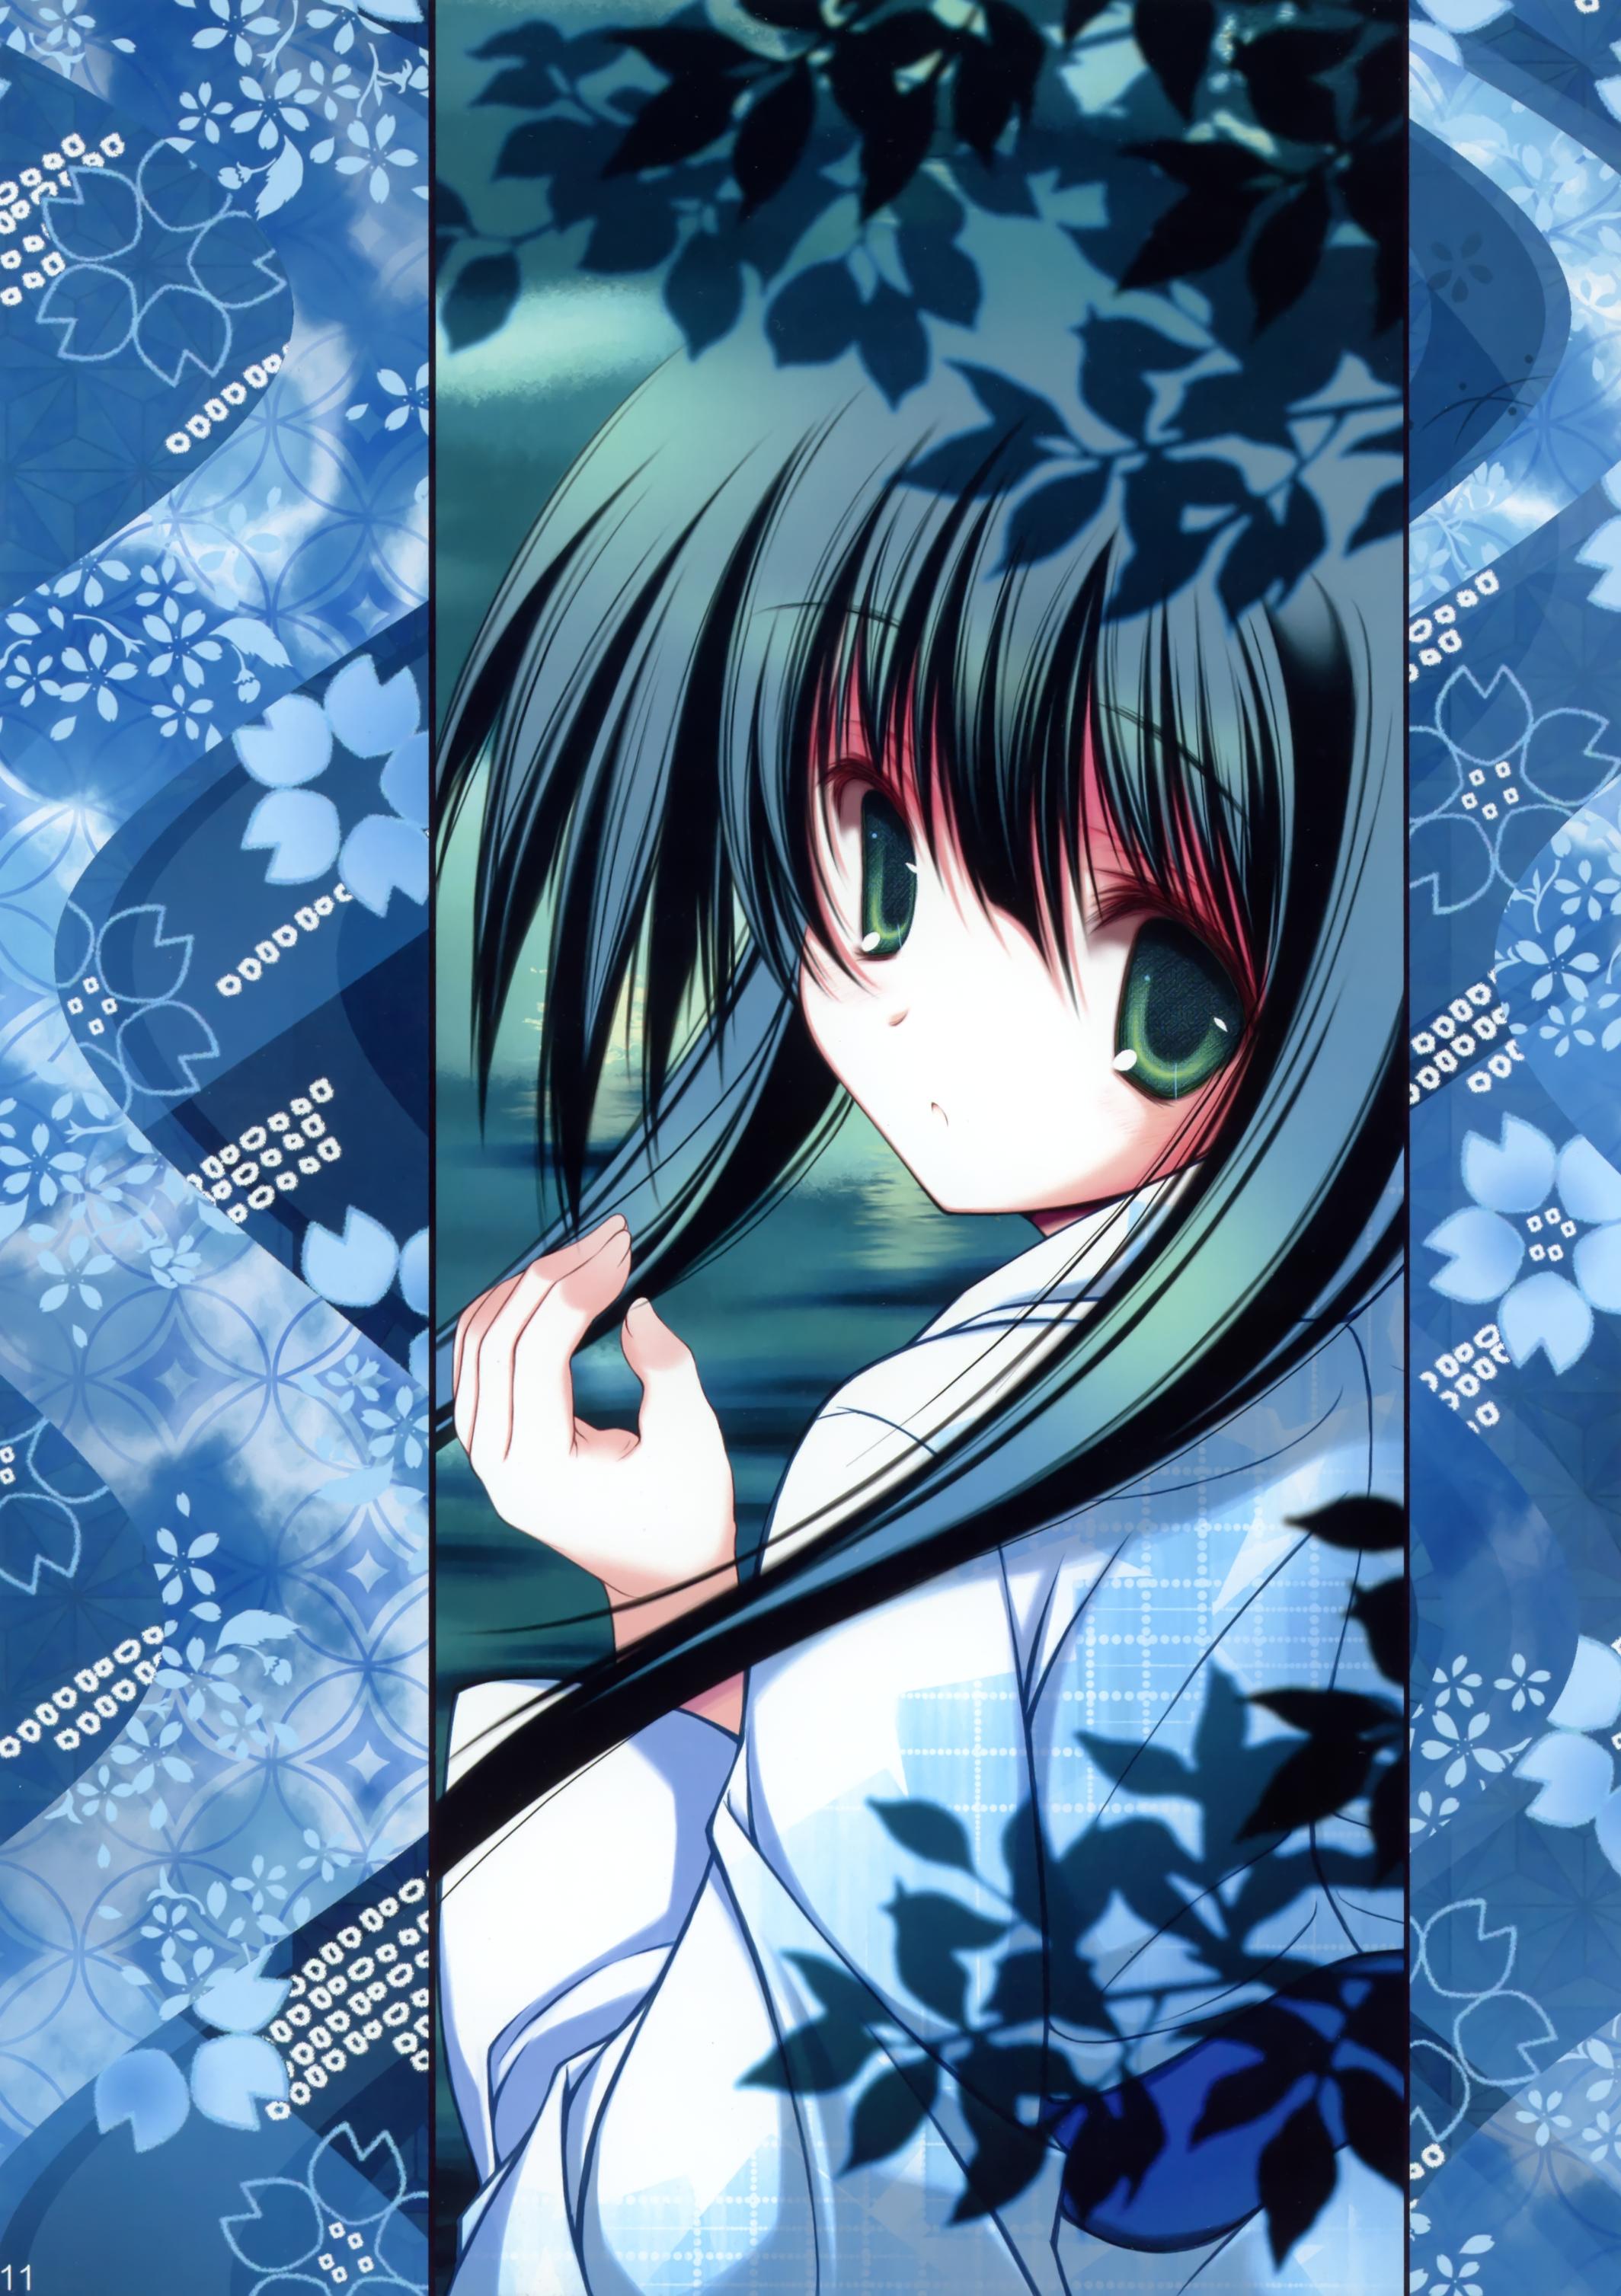 Tenmu Shinryuusai [C80] Wafuku Kurokamilong Girl Looking Back